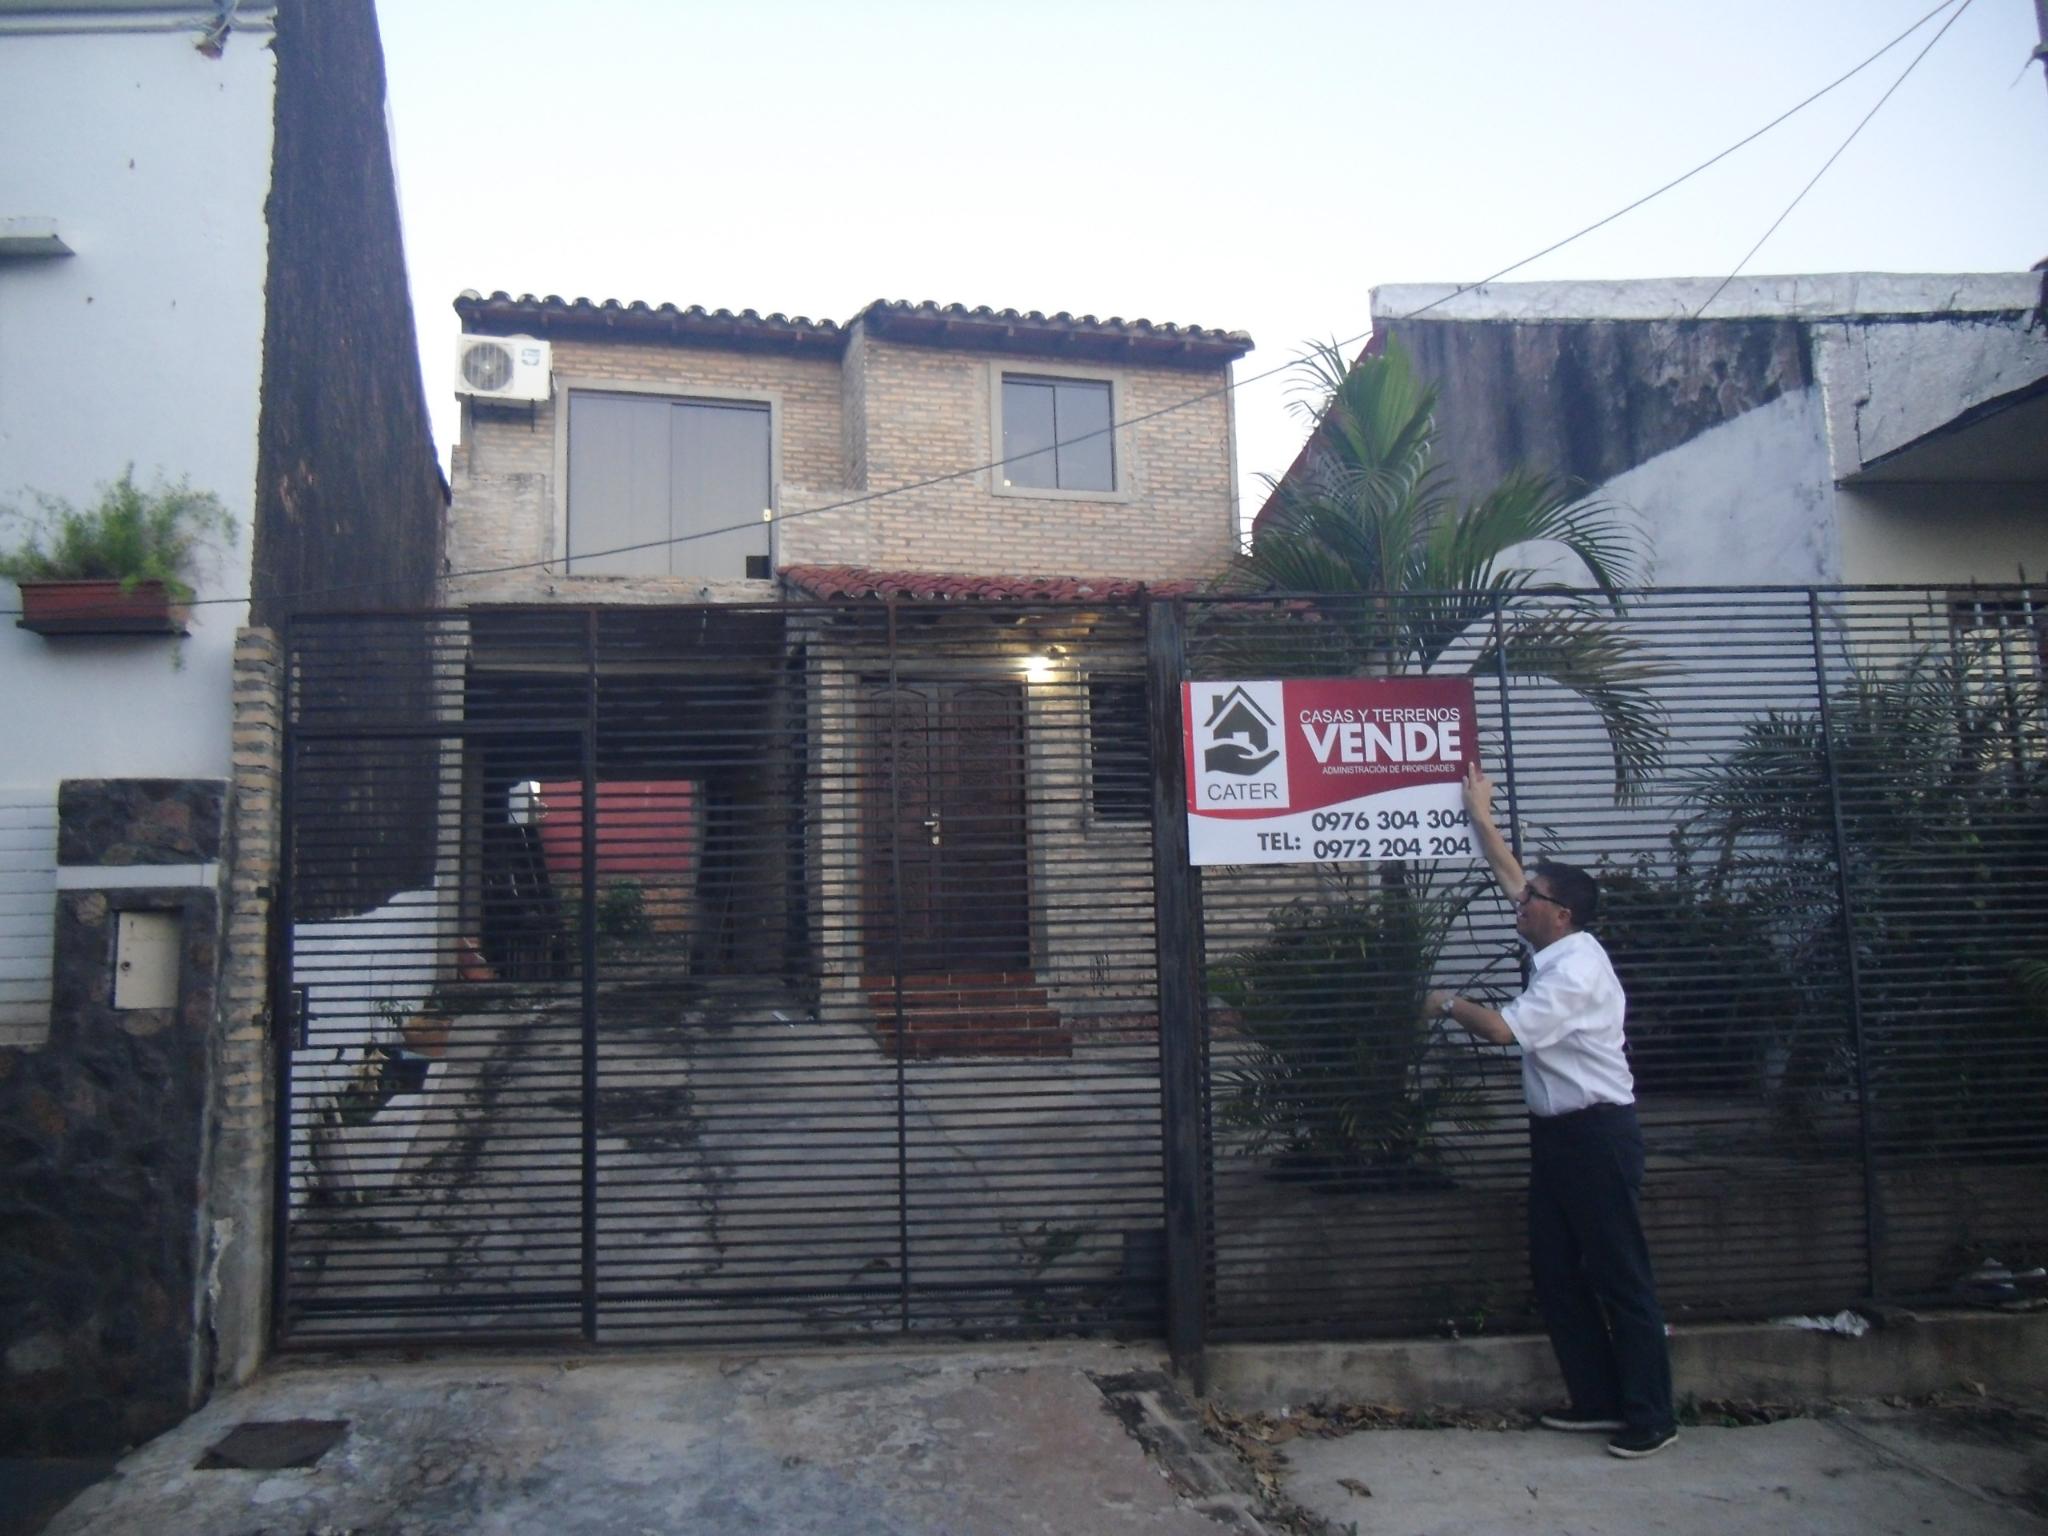 Vendo Casa Tipo Duplex Barrio Obrero